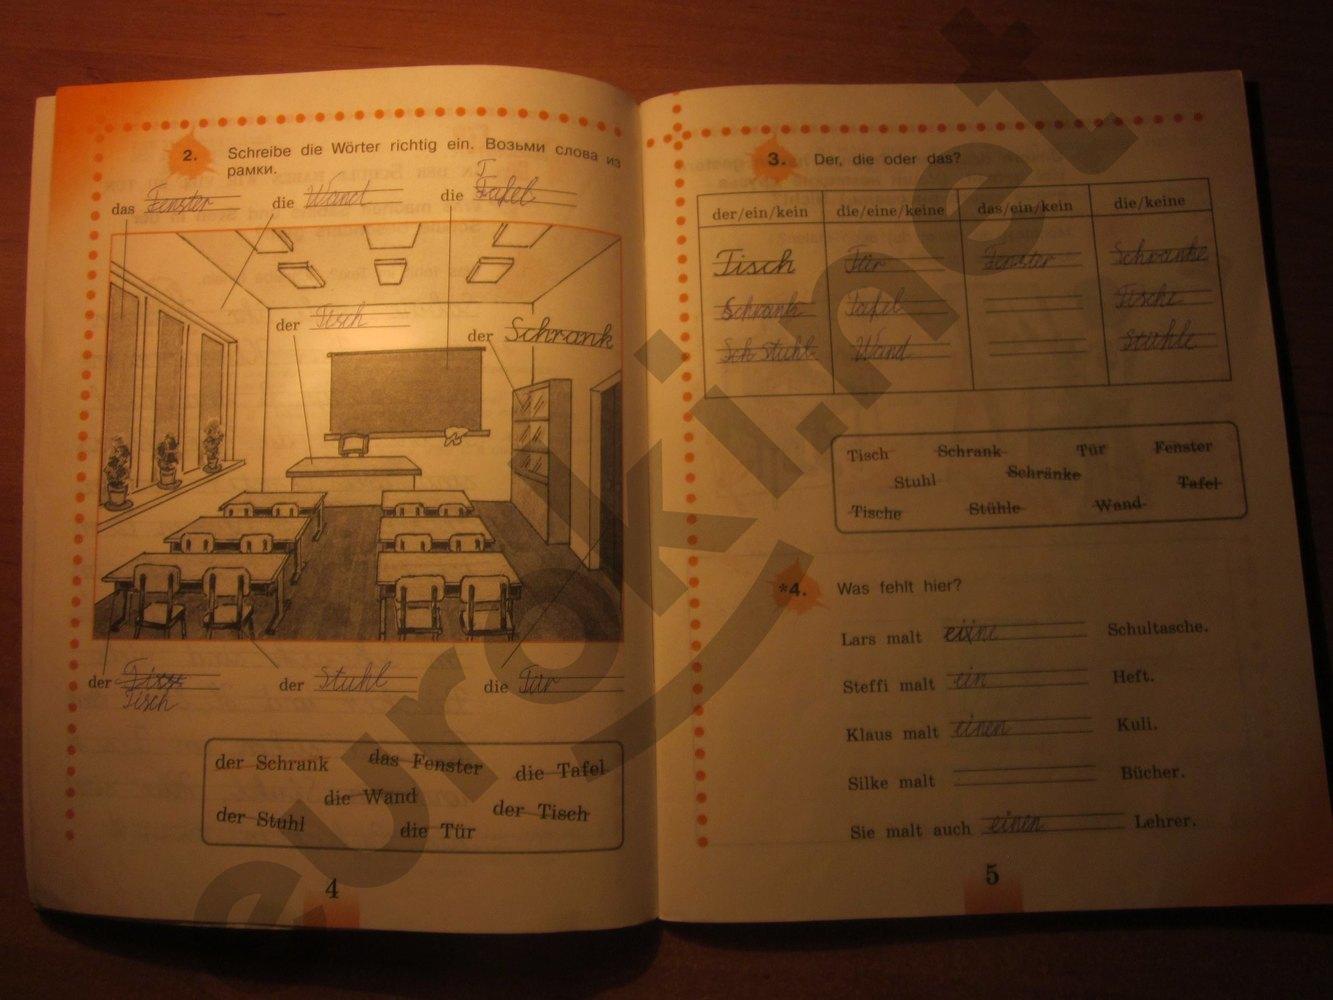 3 тетради 2 часть рыжова языку к бим по класс немецкому решебник рабочей